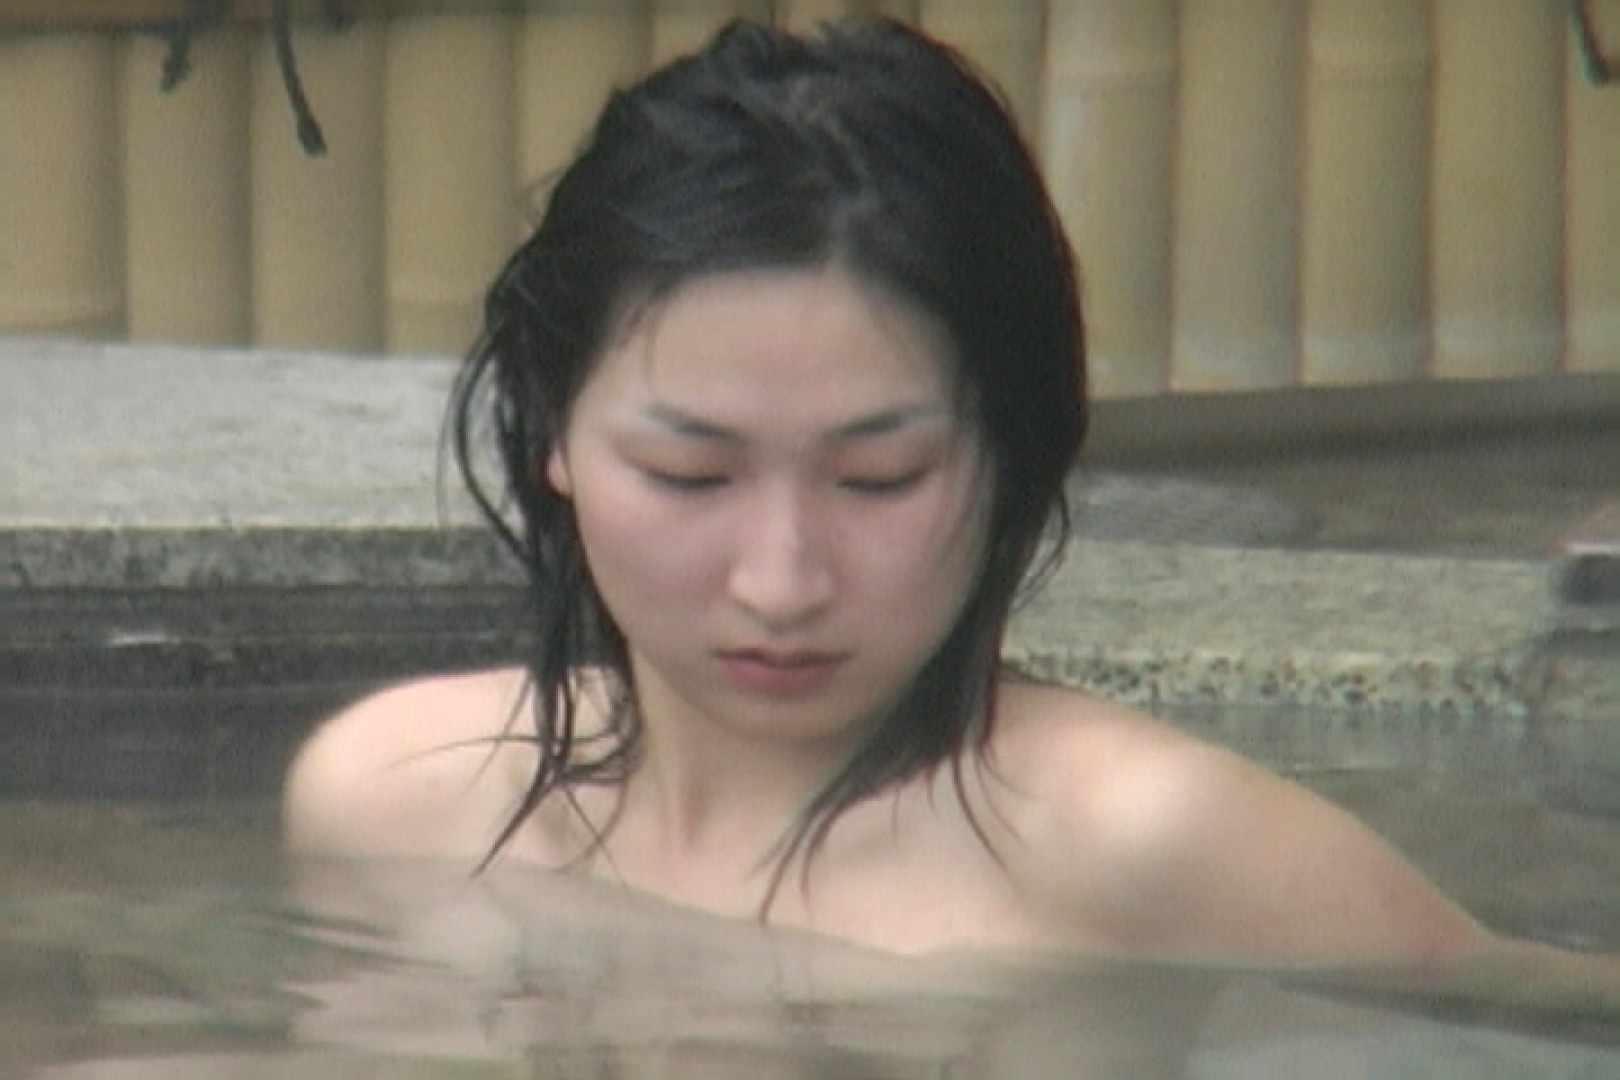 Aquaな露天風呂Vol.543 露天 | 盗撮  68画像 61